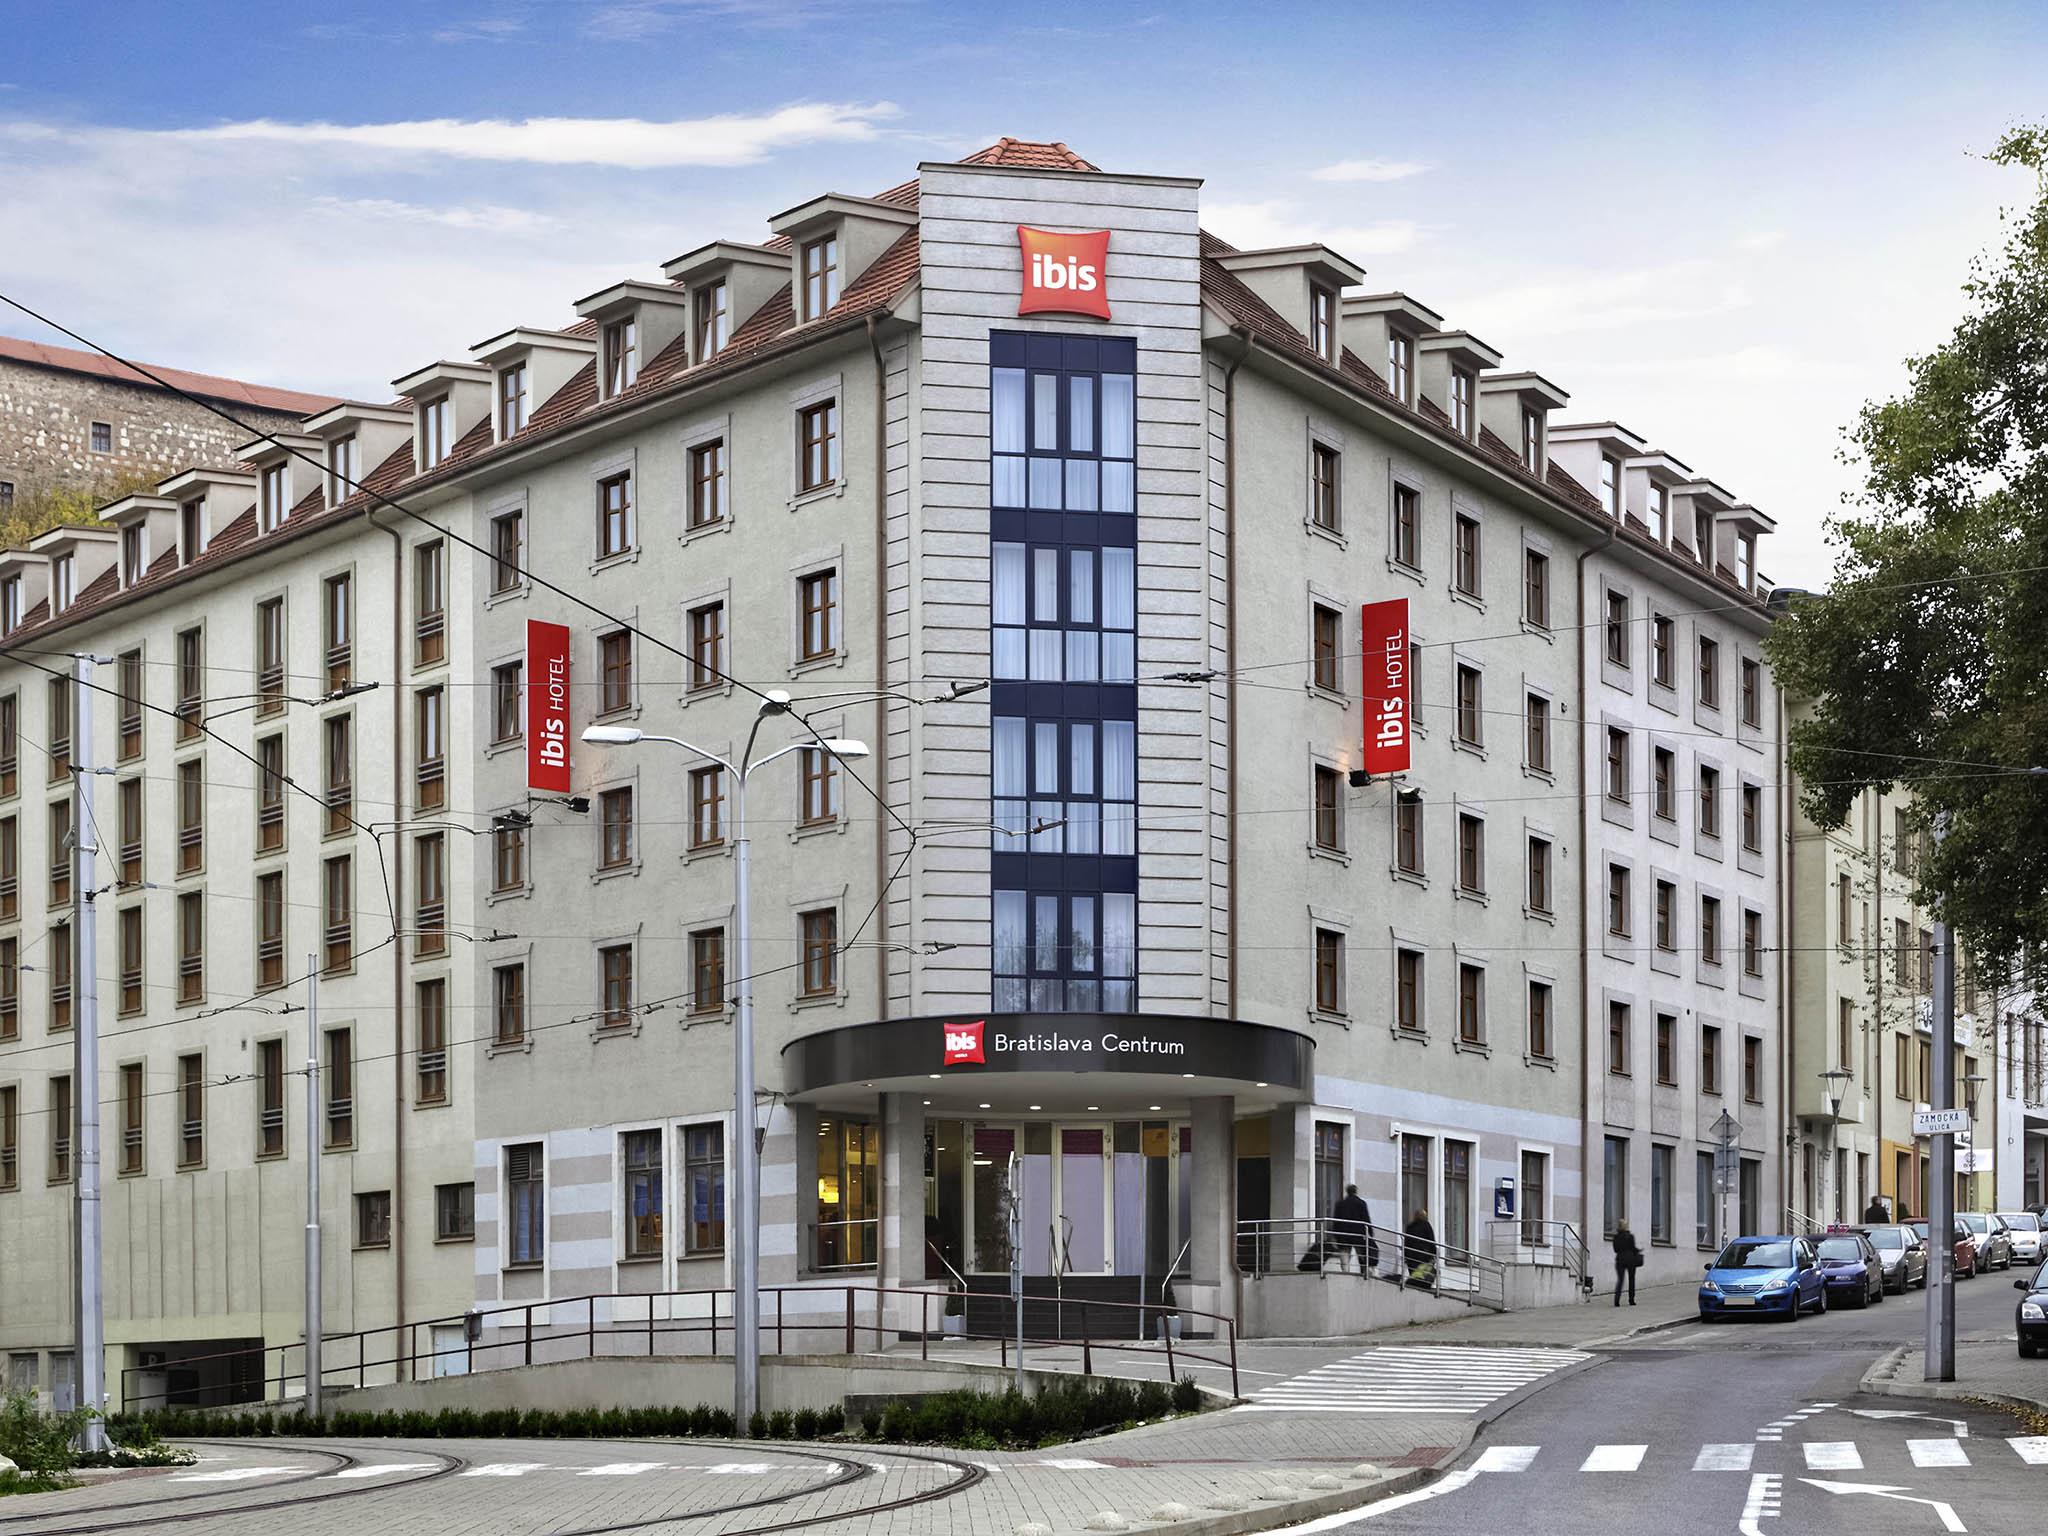 酒店 – 宜必思布拉迪斯拉发中心酒店